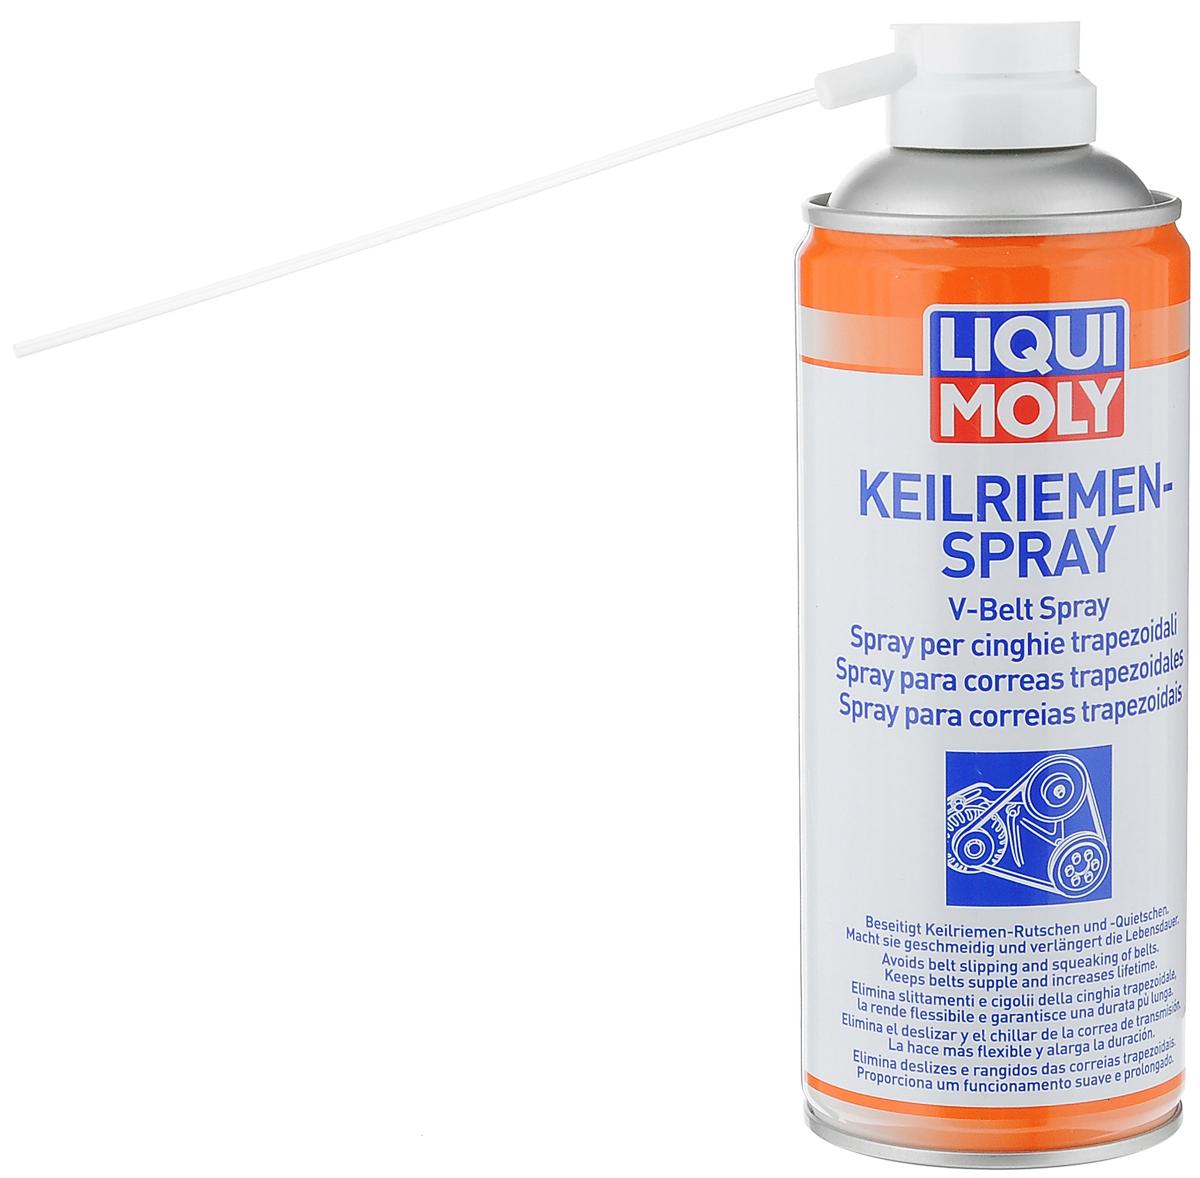 Спрей для клинового ремня LiquiMoly Keilriemen-Spray, 0,4 л4085Спрей LiquiMoly Keilriemen-Spray - это прекрасное профессиональное средство для восстановления старых изношенных приводных клиновых и поликлиновых ремней (генератора, гидроусилителя руля, вариатора, водяного насоса, кондиционера и другого). Устраняет скрип и проскальзывание. Быстро, безопасно и эффективно очищает поверхность от масляных и других видов загрязнений, увеличивает эластичность резинового слоя, при постоянной обработке предотвращается растрескивание и повышается срок службы. Способствует увеличению КПД передачи.Состав: ацетон, диметиловый эфир, нефтяные компоненты, пропеллент бутан.